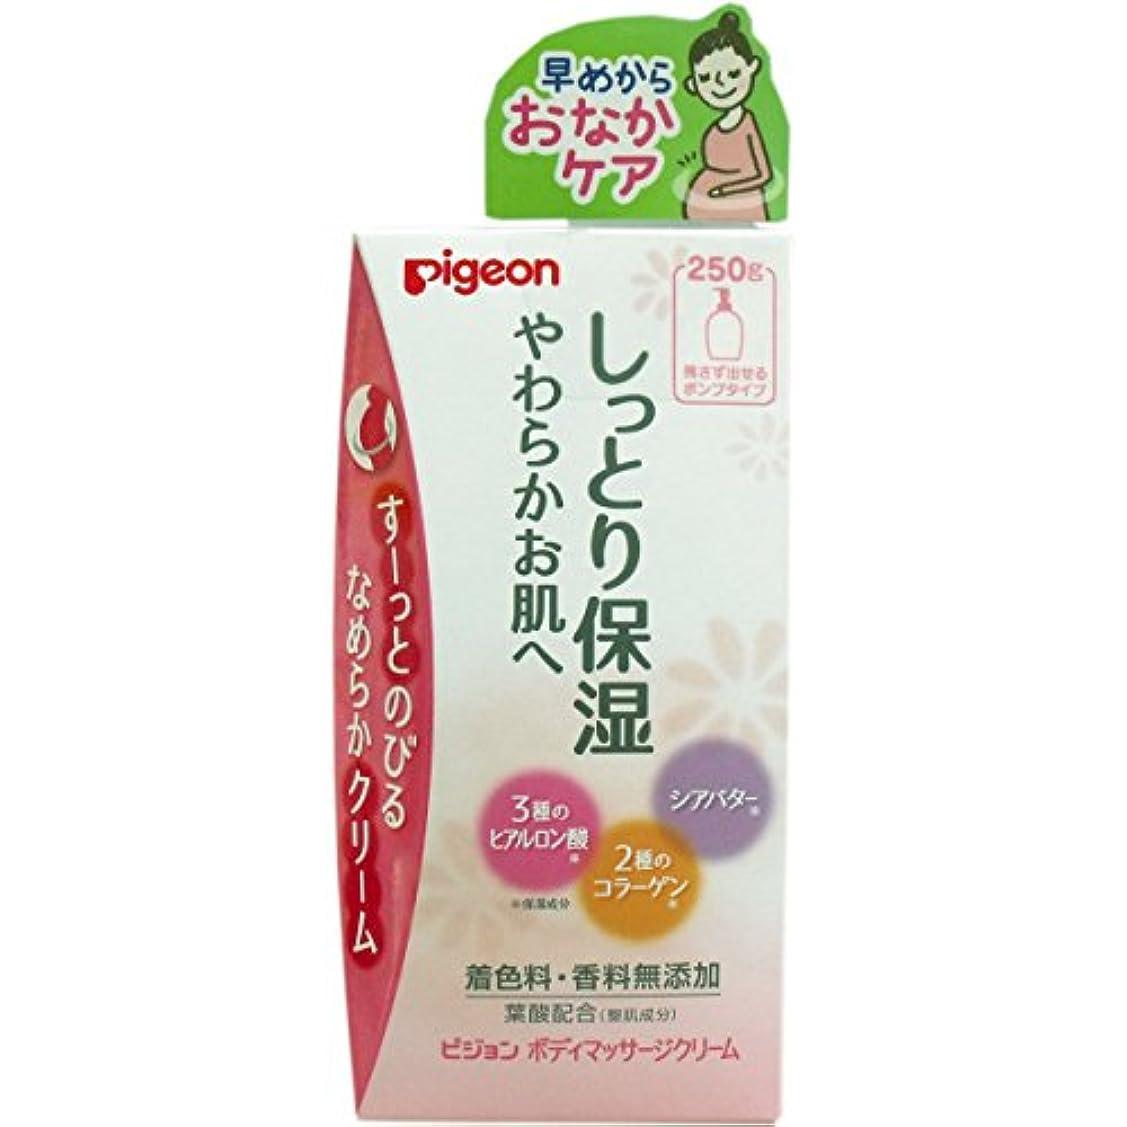 ピジョン ボディマッサージクリーム 250g【2個セット】